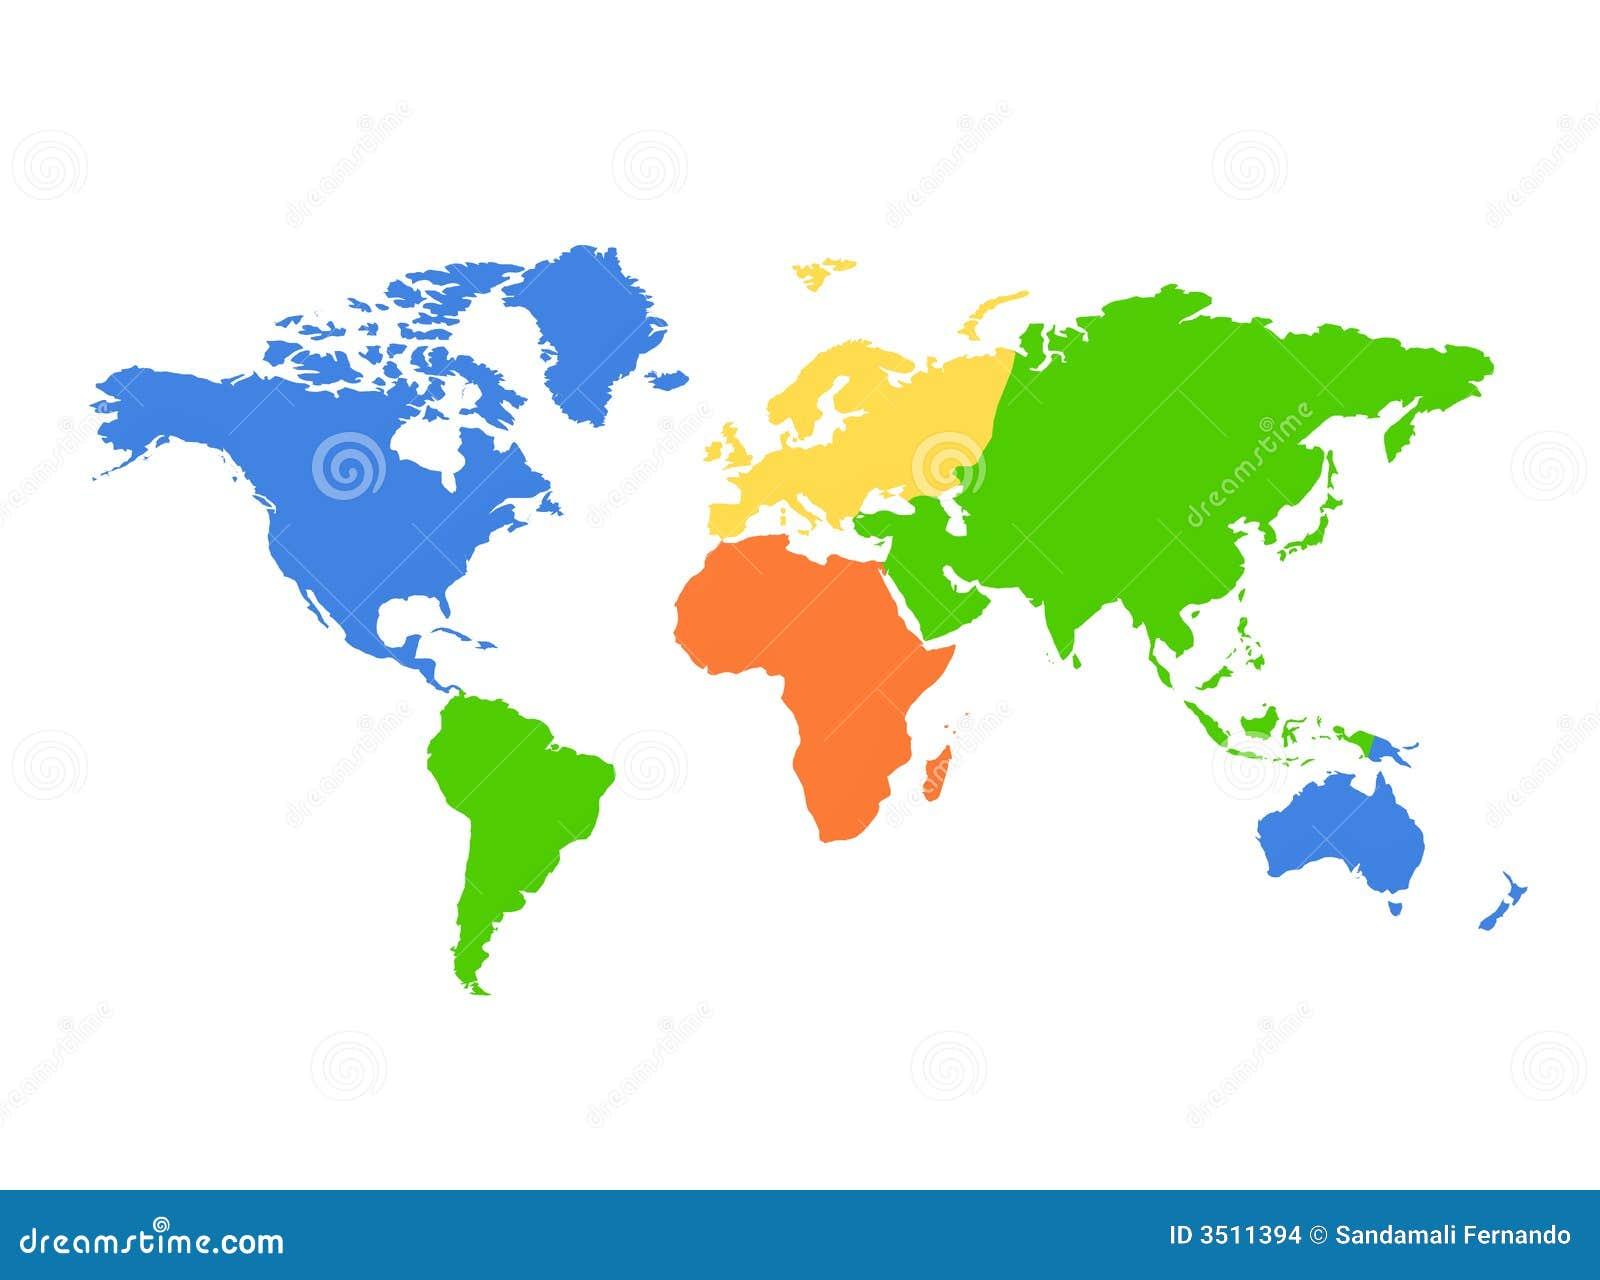 De kleurrijke kaart van de wereld van continenten stock afbeeldingen afbeelding 3511394 - Basket thuis van de wereld ...